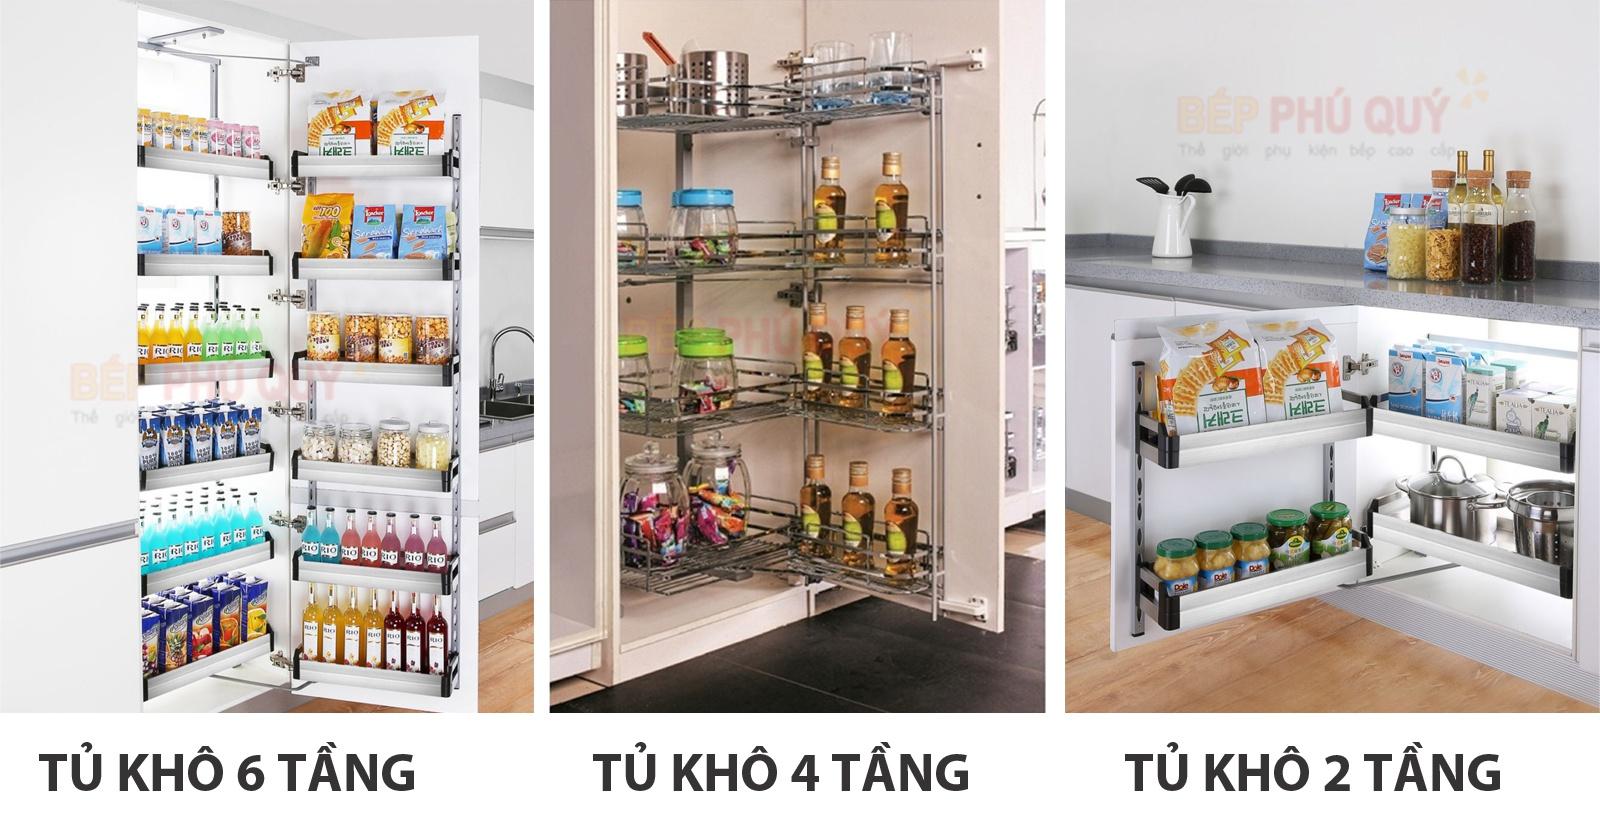 phân loại tủ đồ khô 2 tầng 4 tầng và 6 tầng